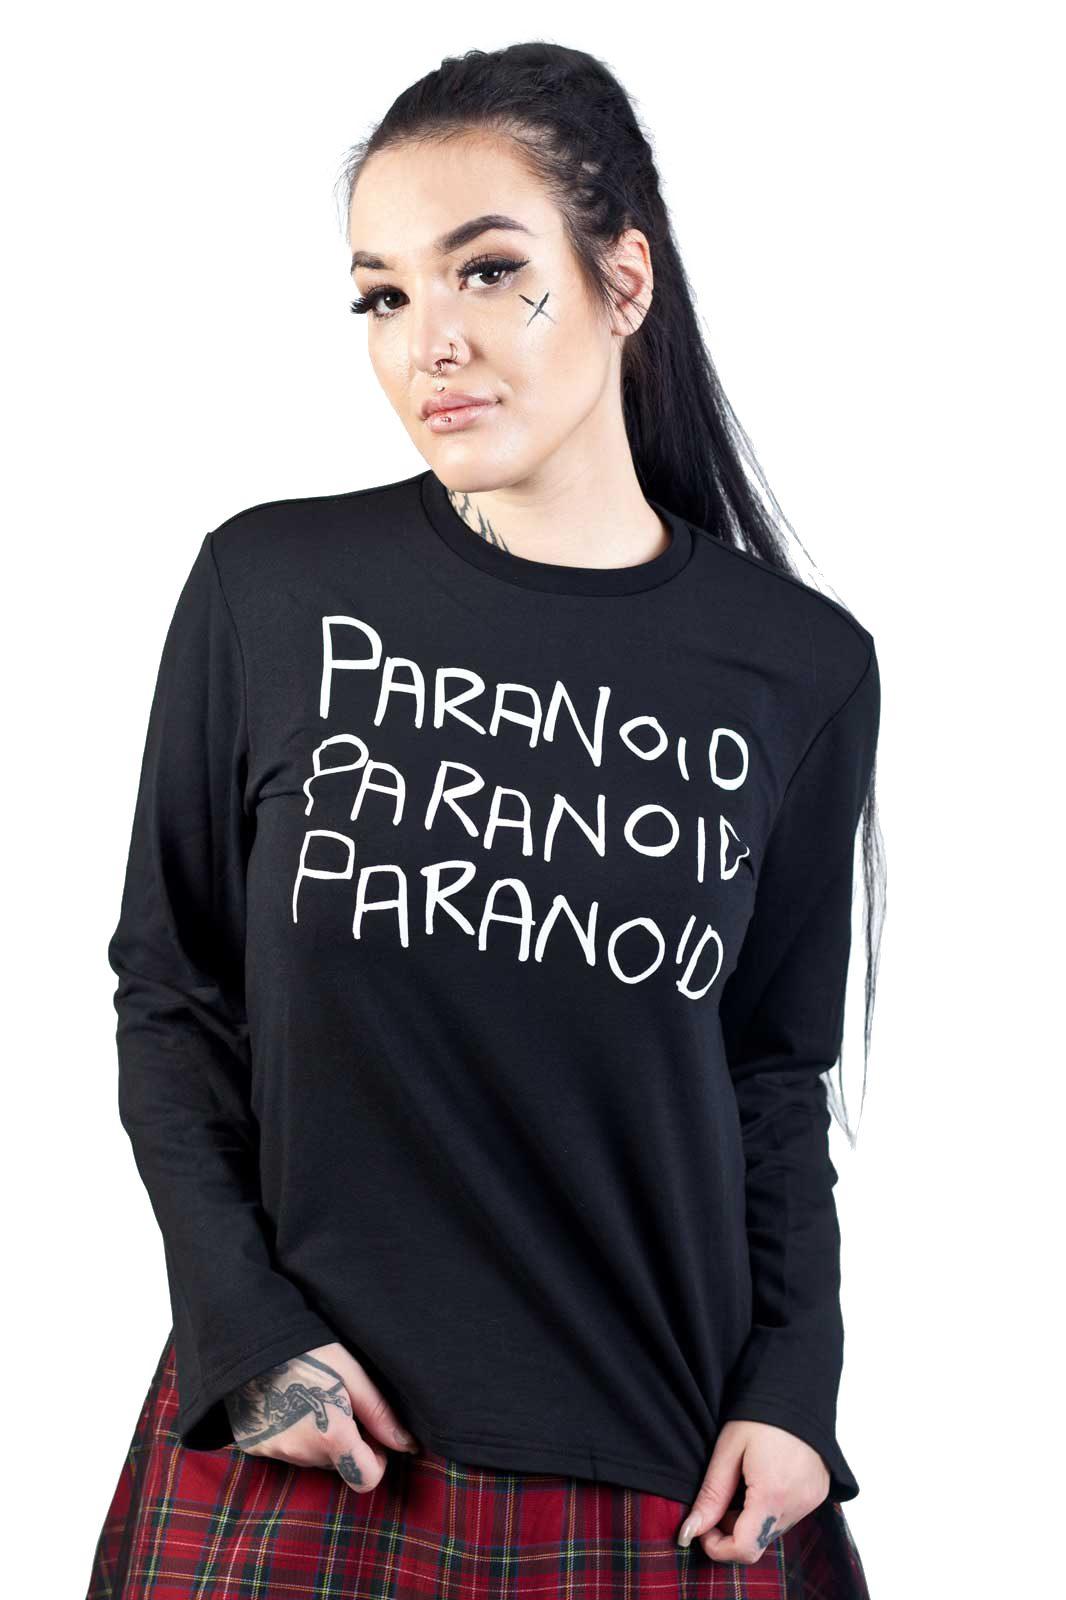 Paranoid Top Black